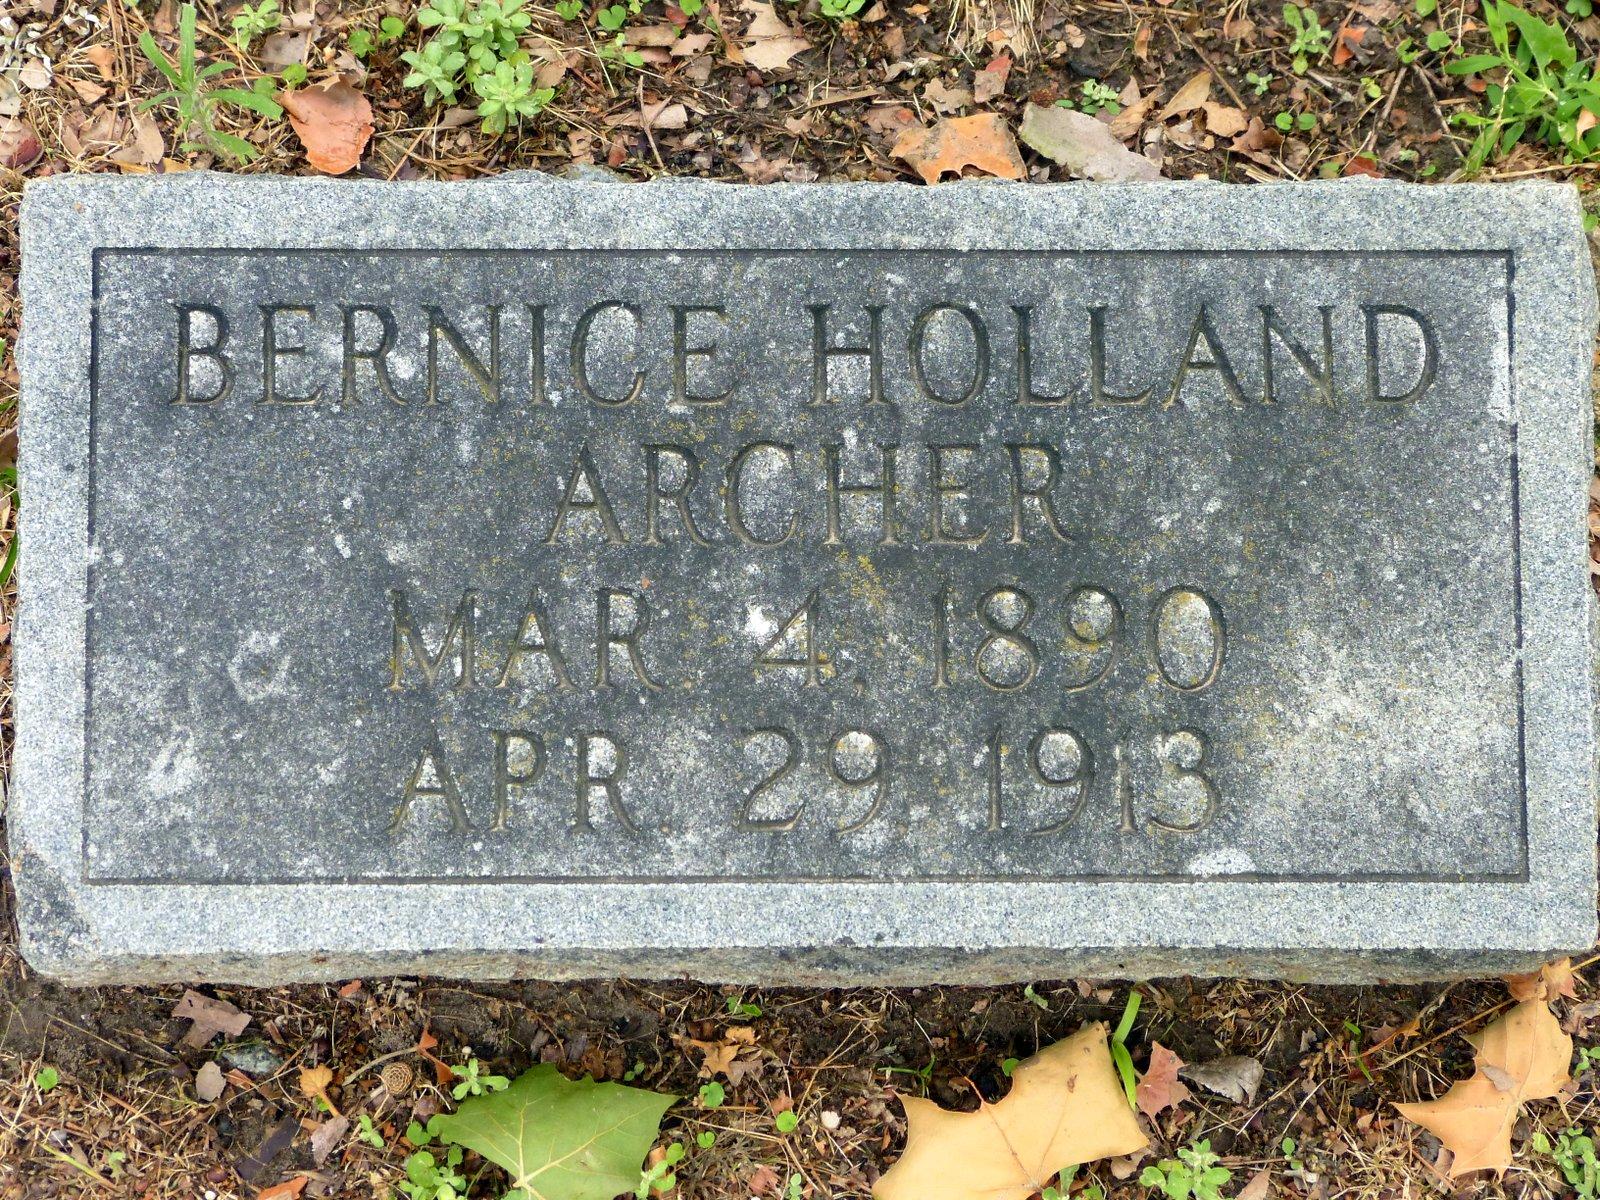 Bernice Holland Archer